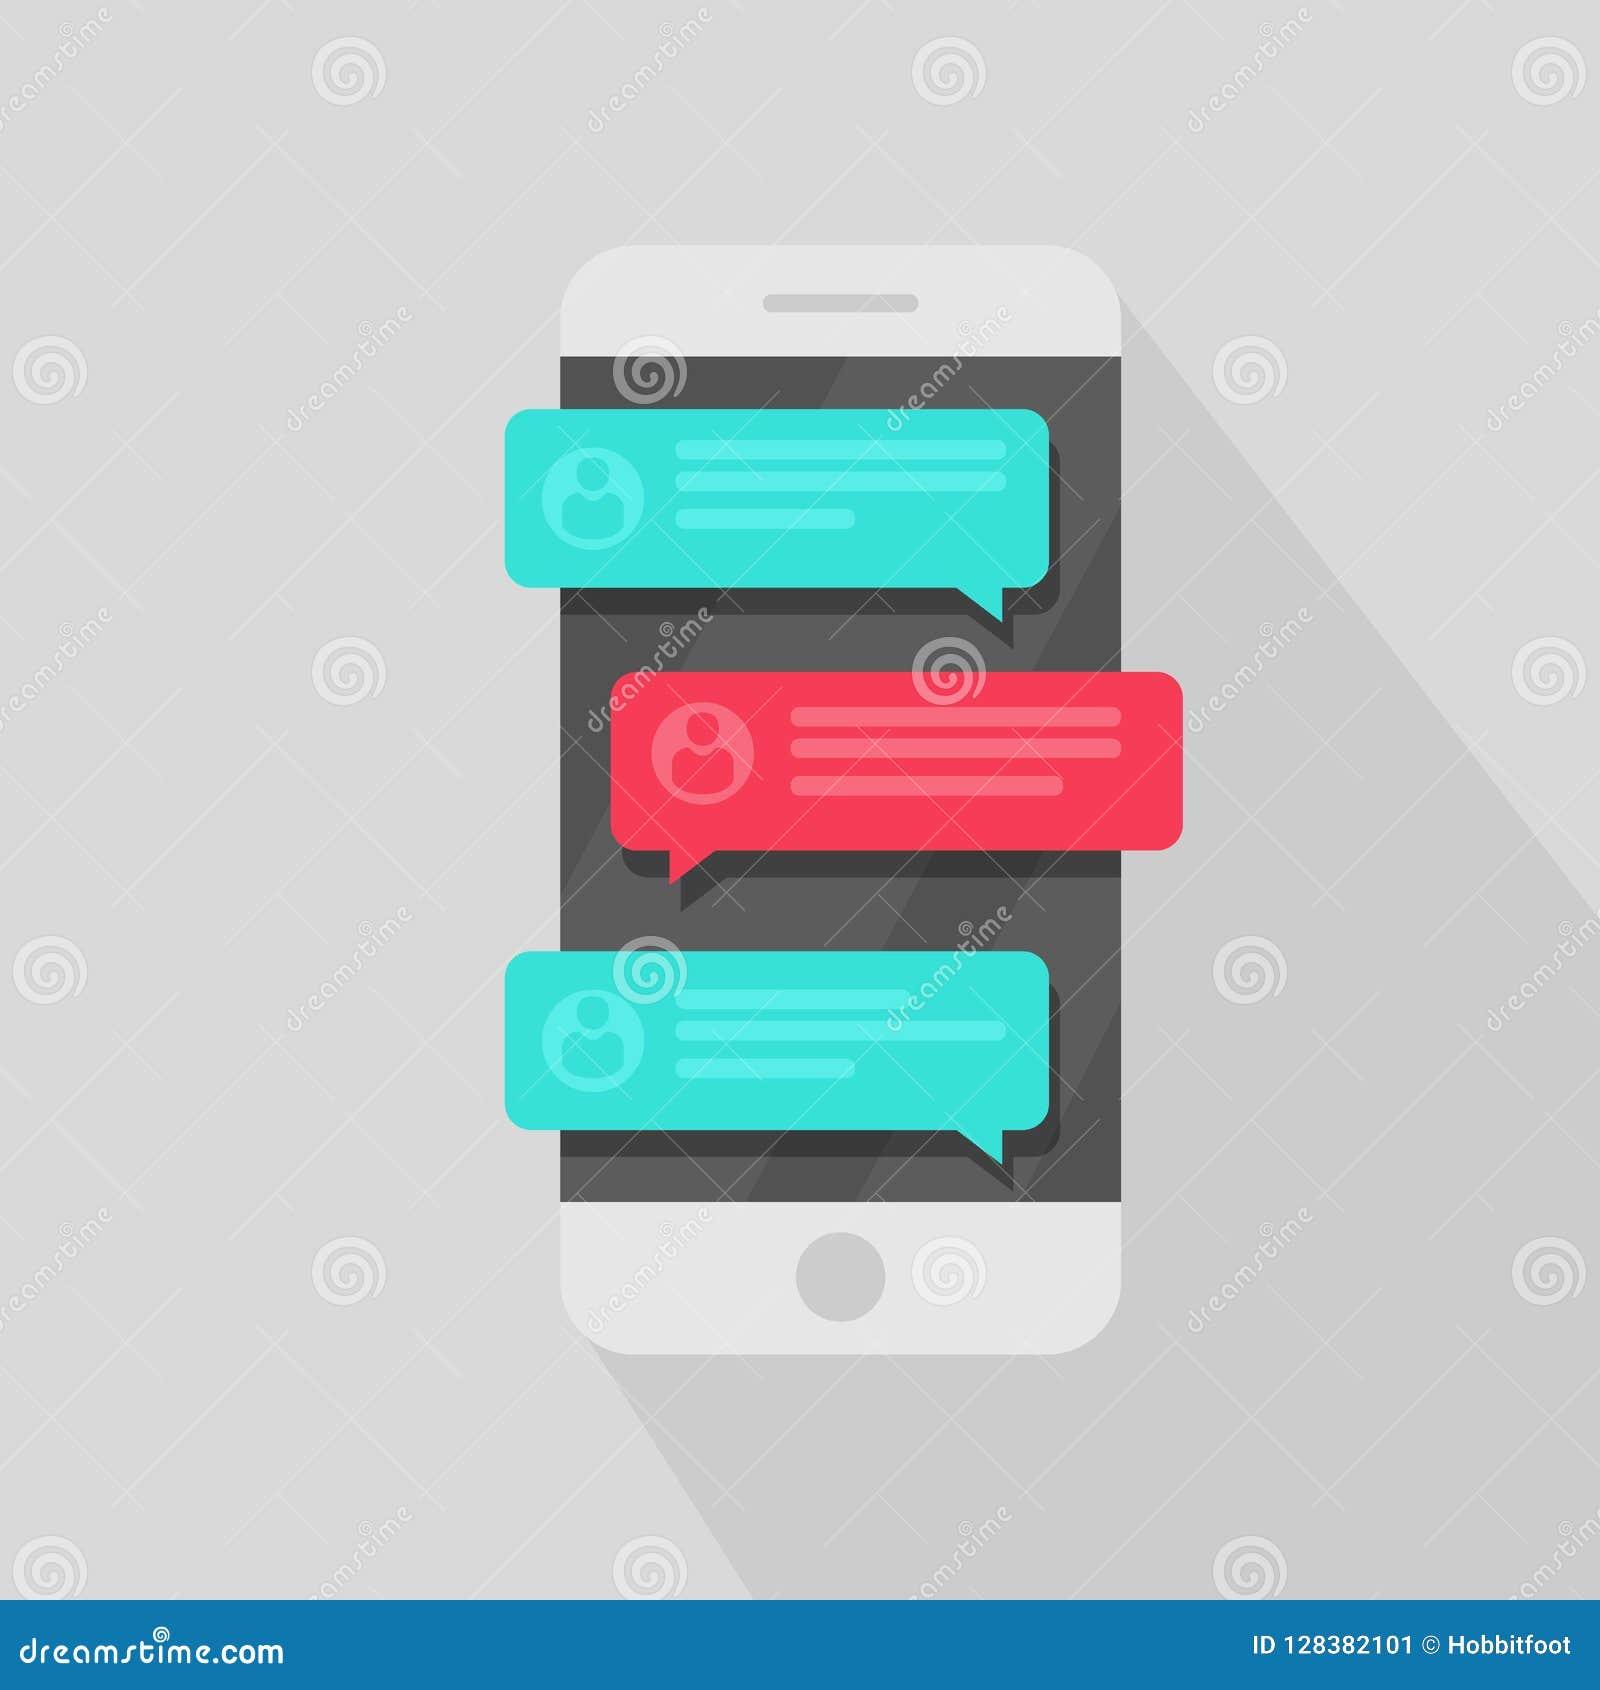 手机闲谈消息通知 聊天的泡影讲话,在网上谈话的概念,讲话,交谈,对话 向量